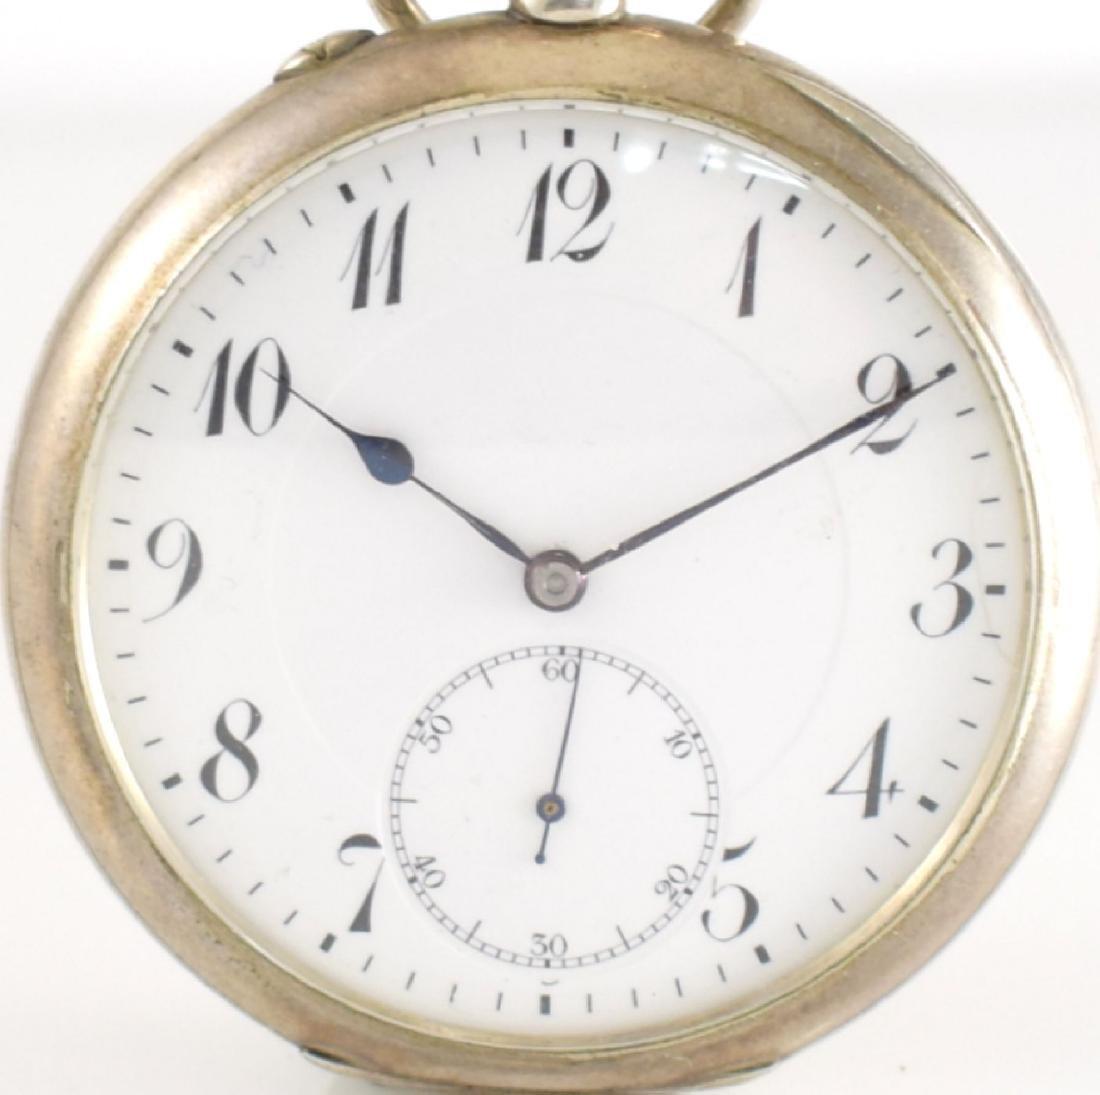 IWC open face pocket watch in silver - 2